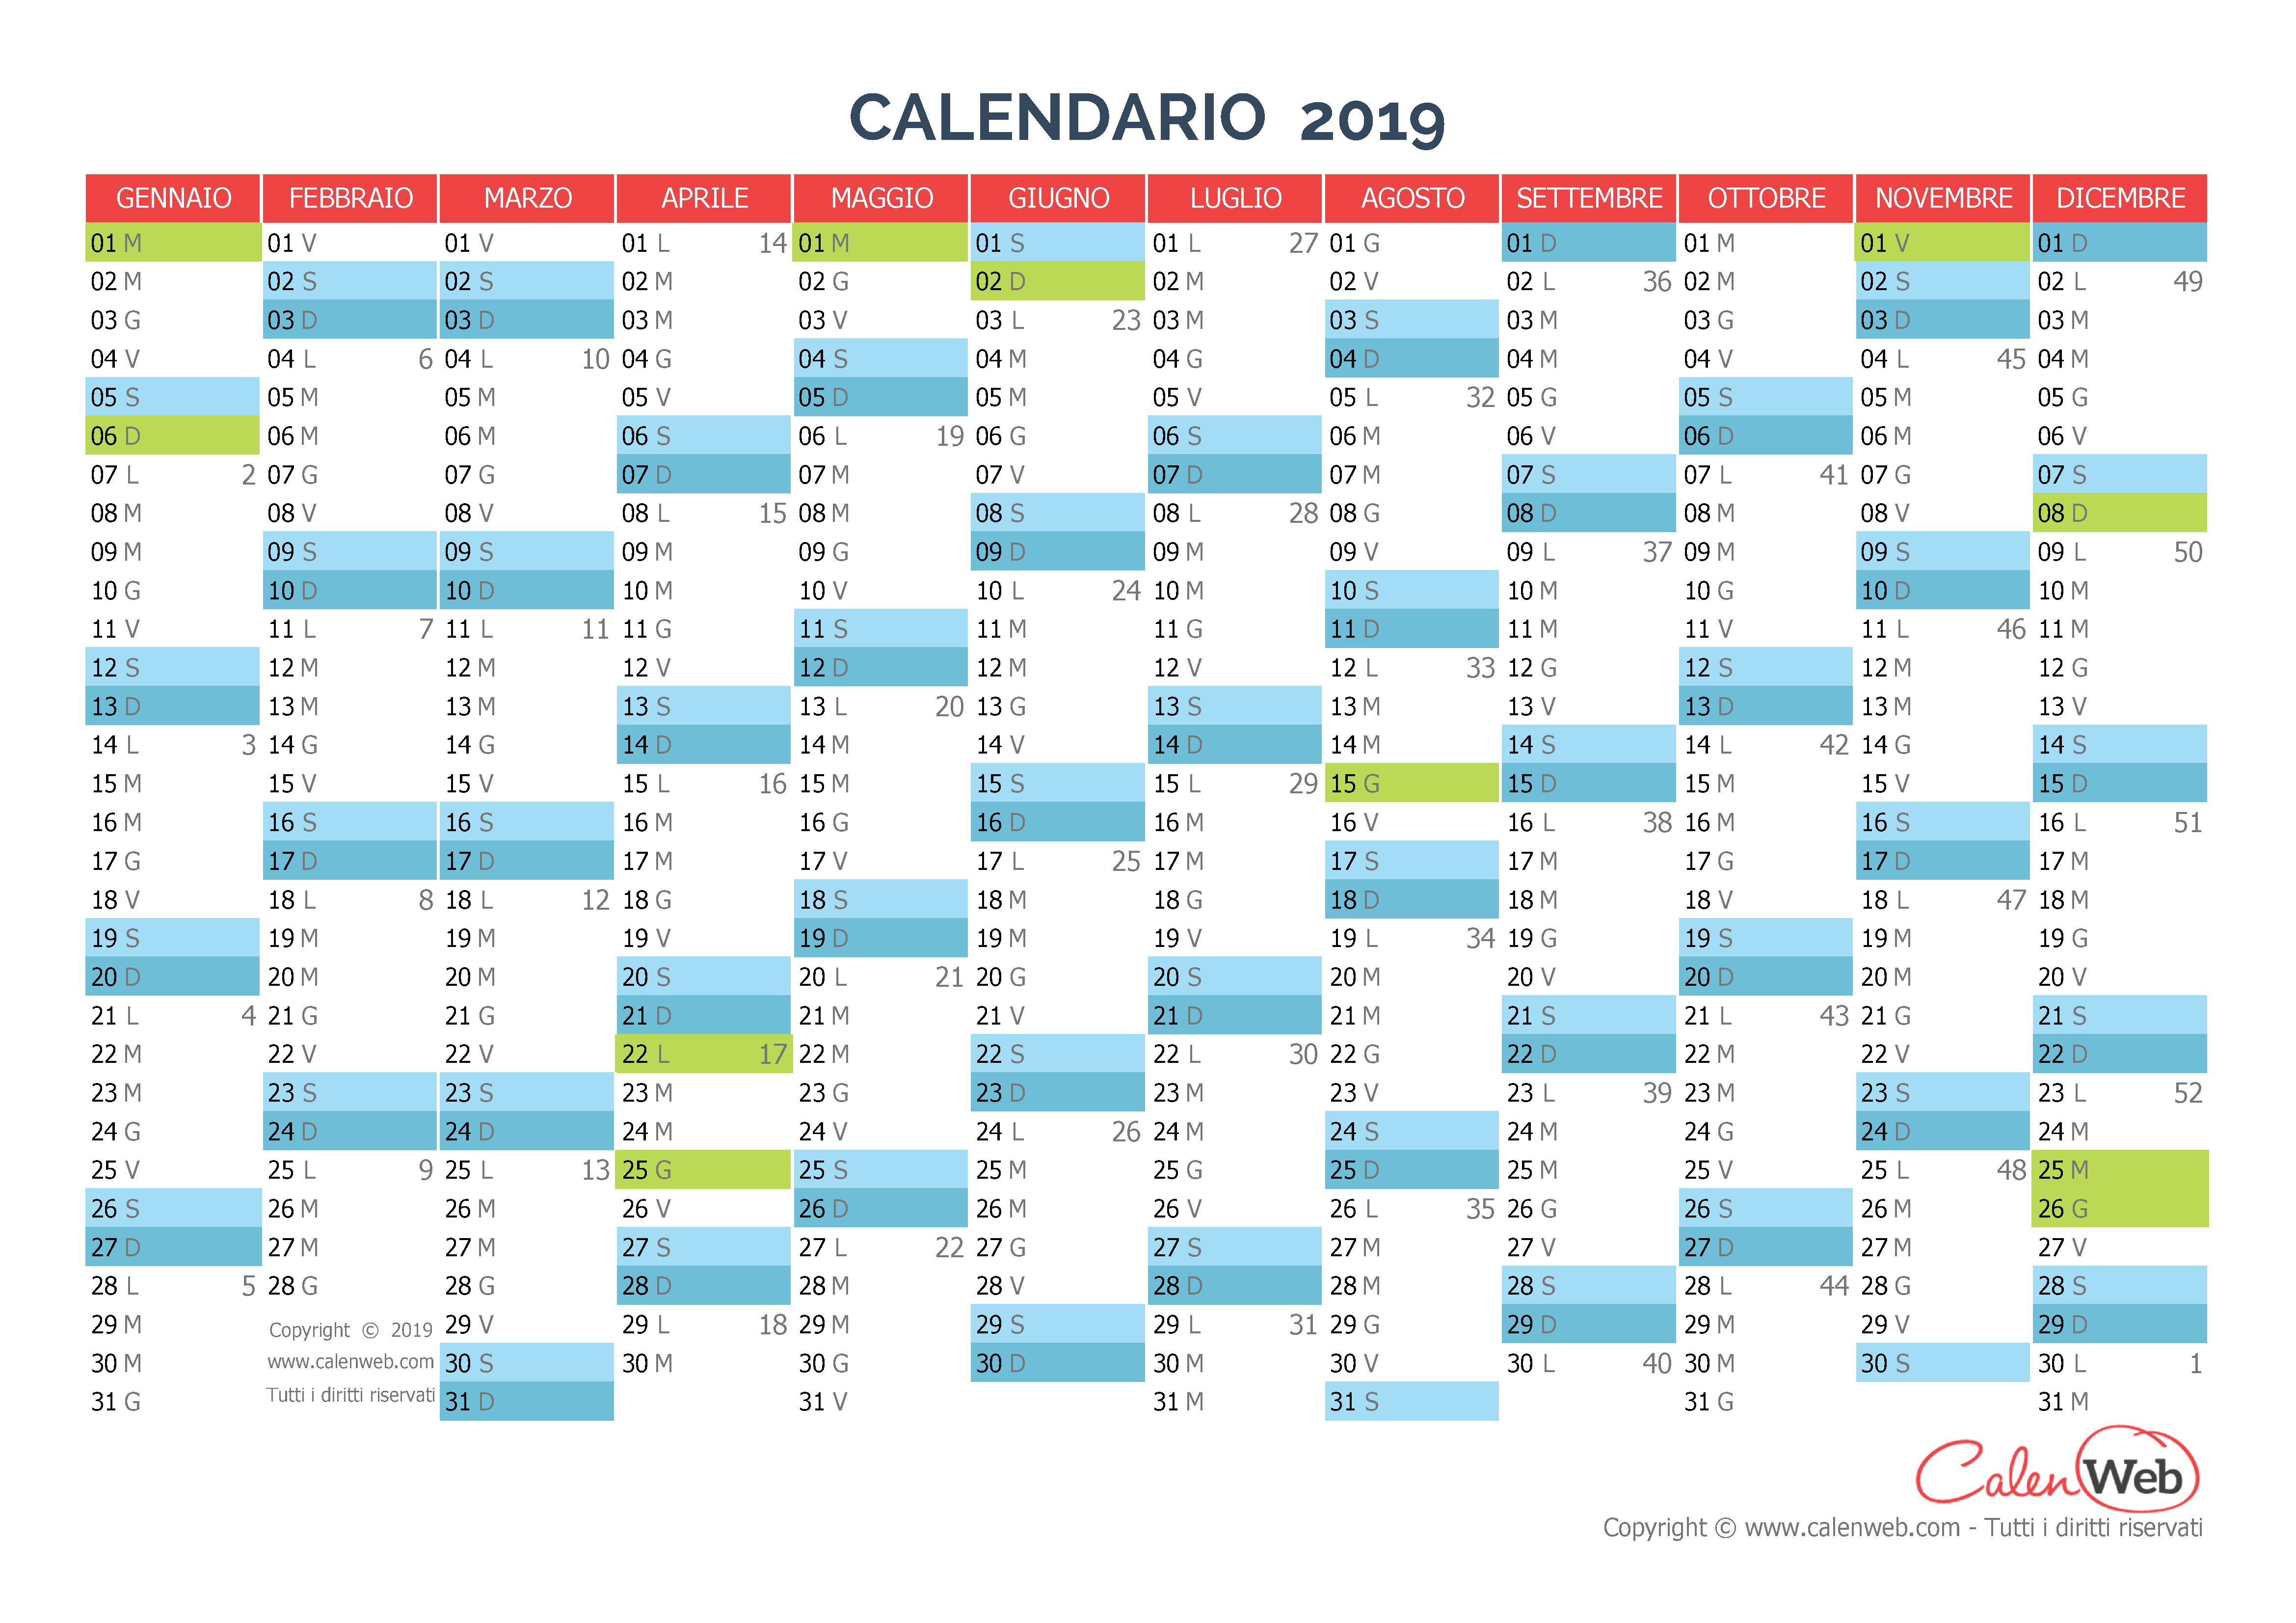 Calendario Con Festivita.Calendario Annuale Anno 2019 Con Le Festivita Italiane